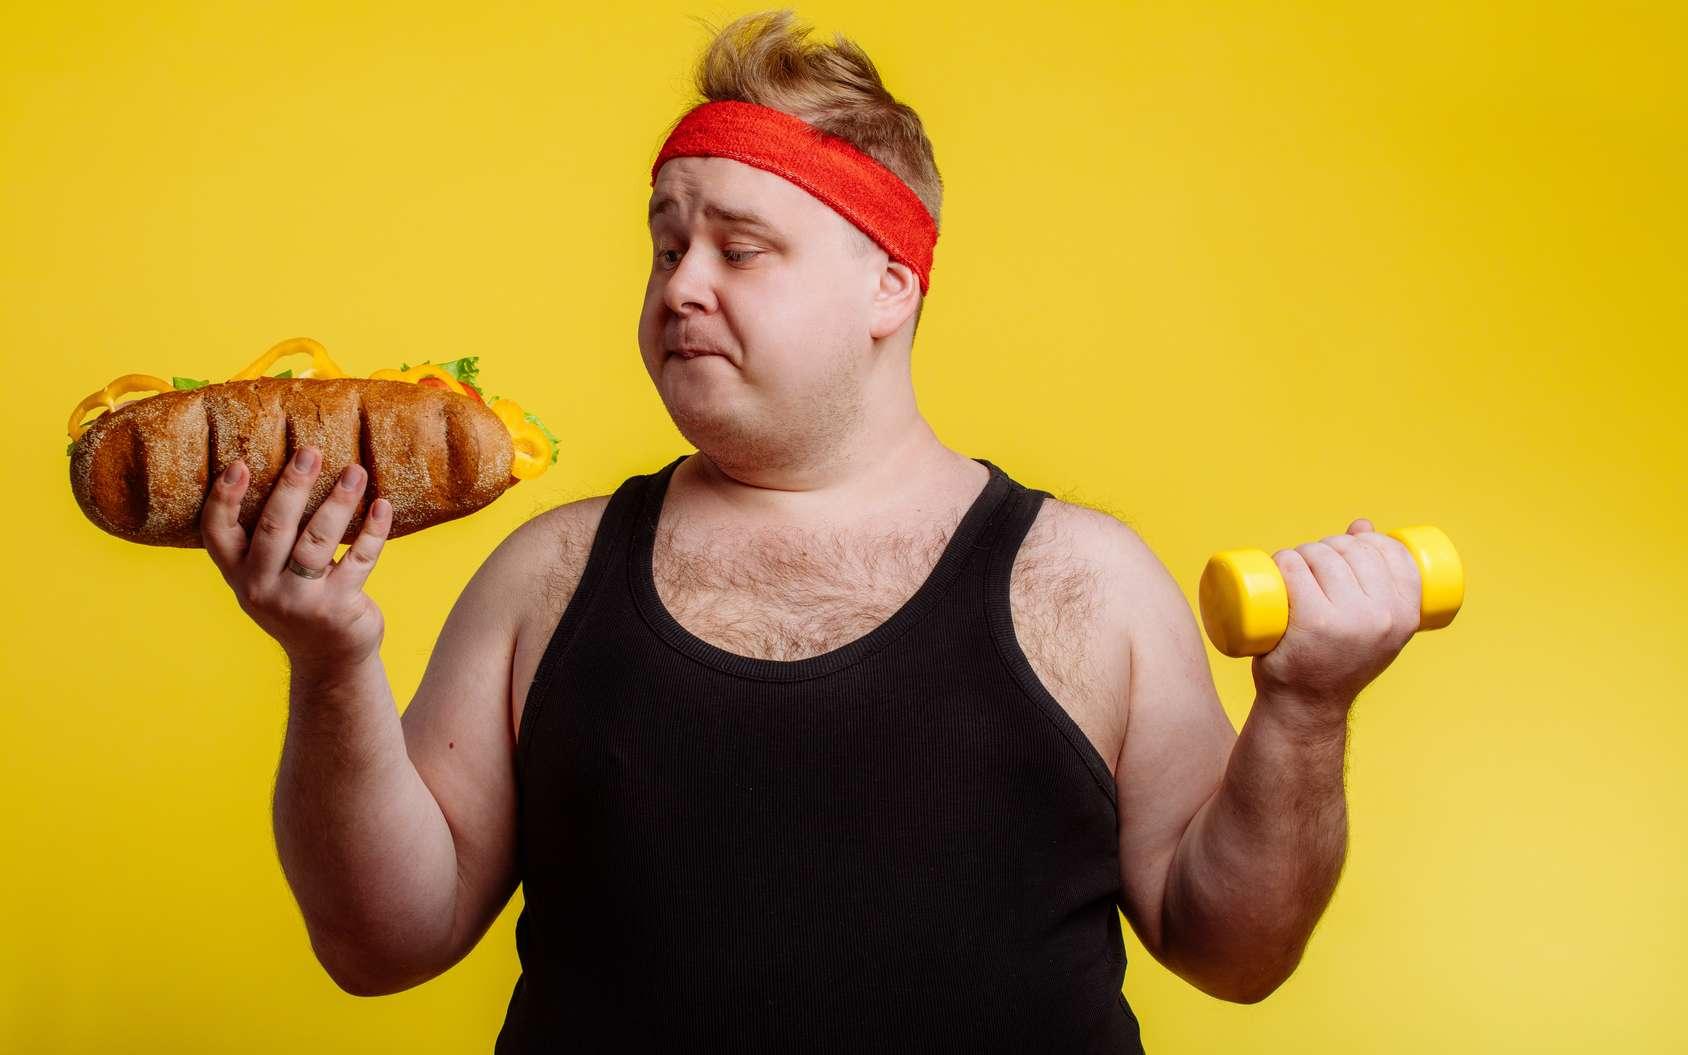 Le sport est bon pour la santé, mais ce n'est pas un moyen efficace pour maigrir. © alfa27, Fotolia